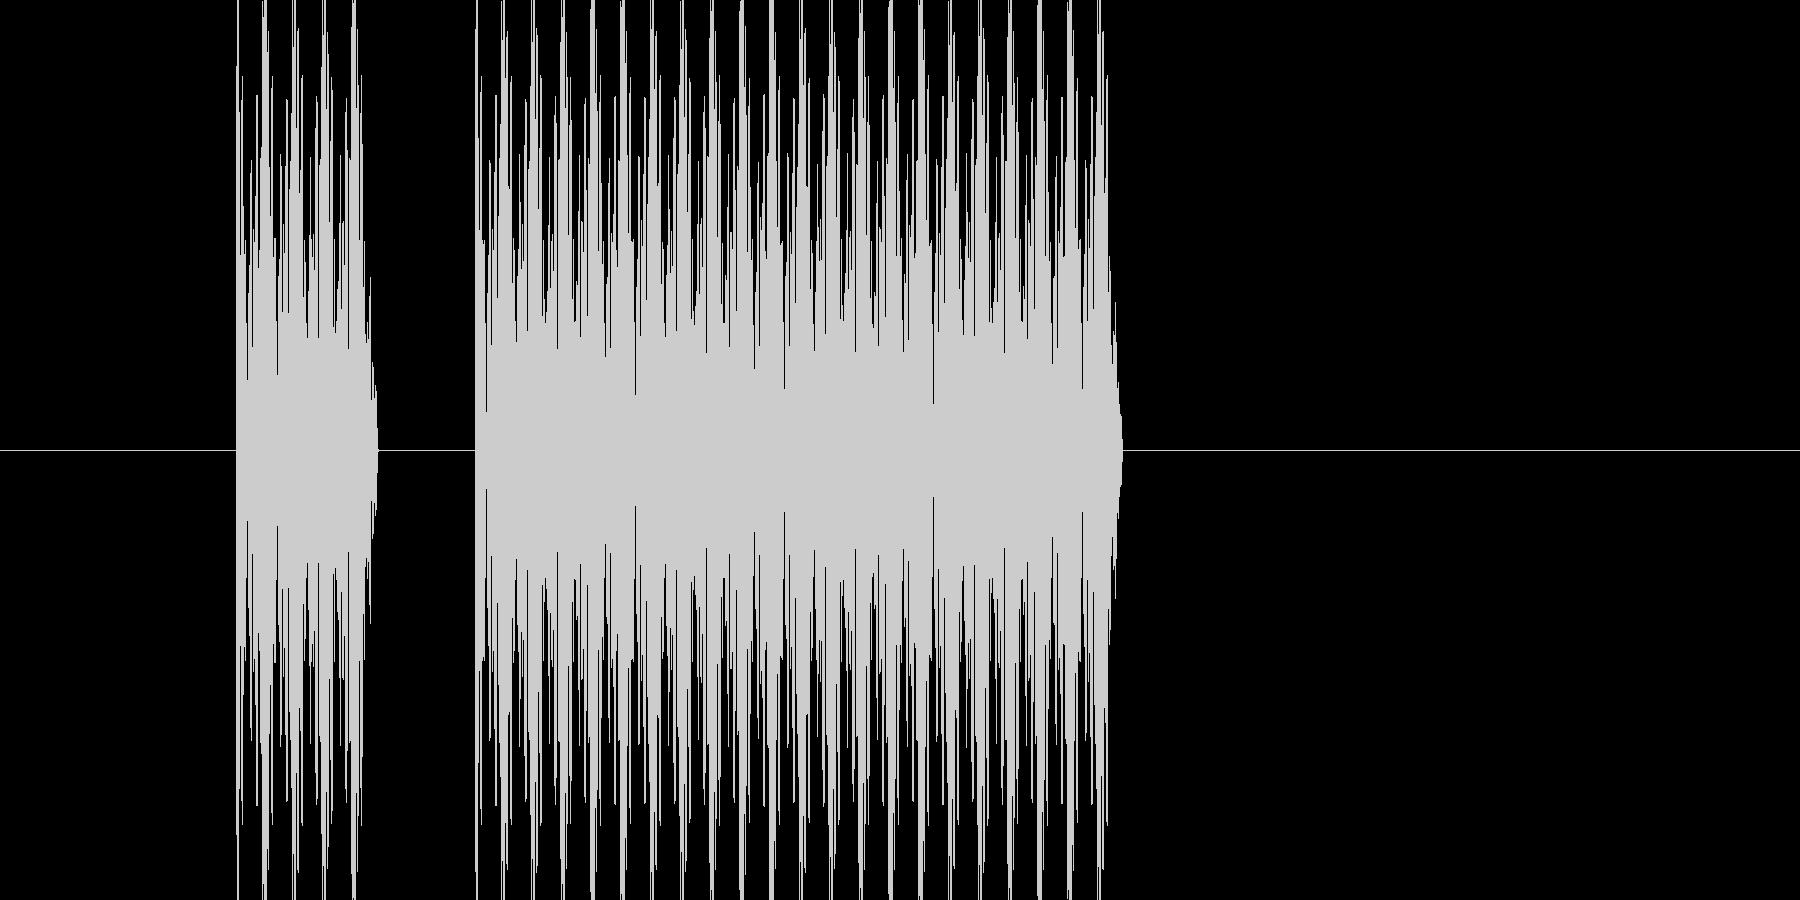 ブッブー(不正解の音)の未再生の波形